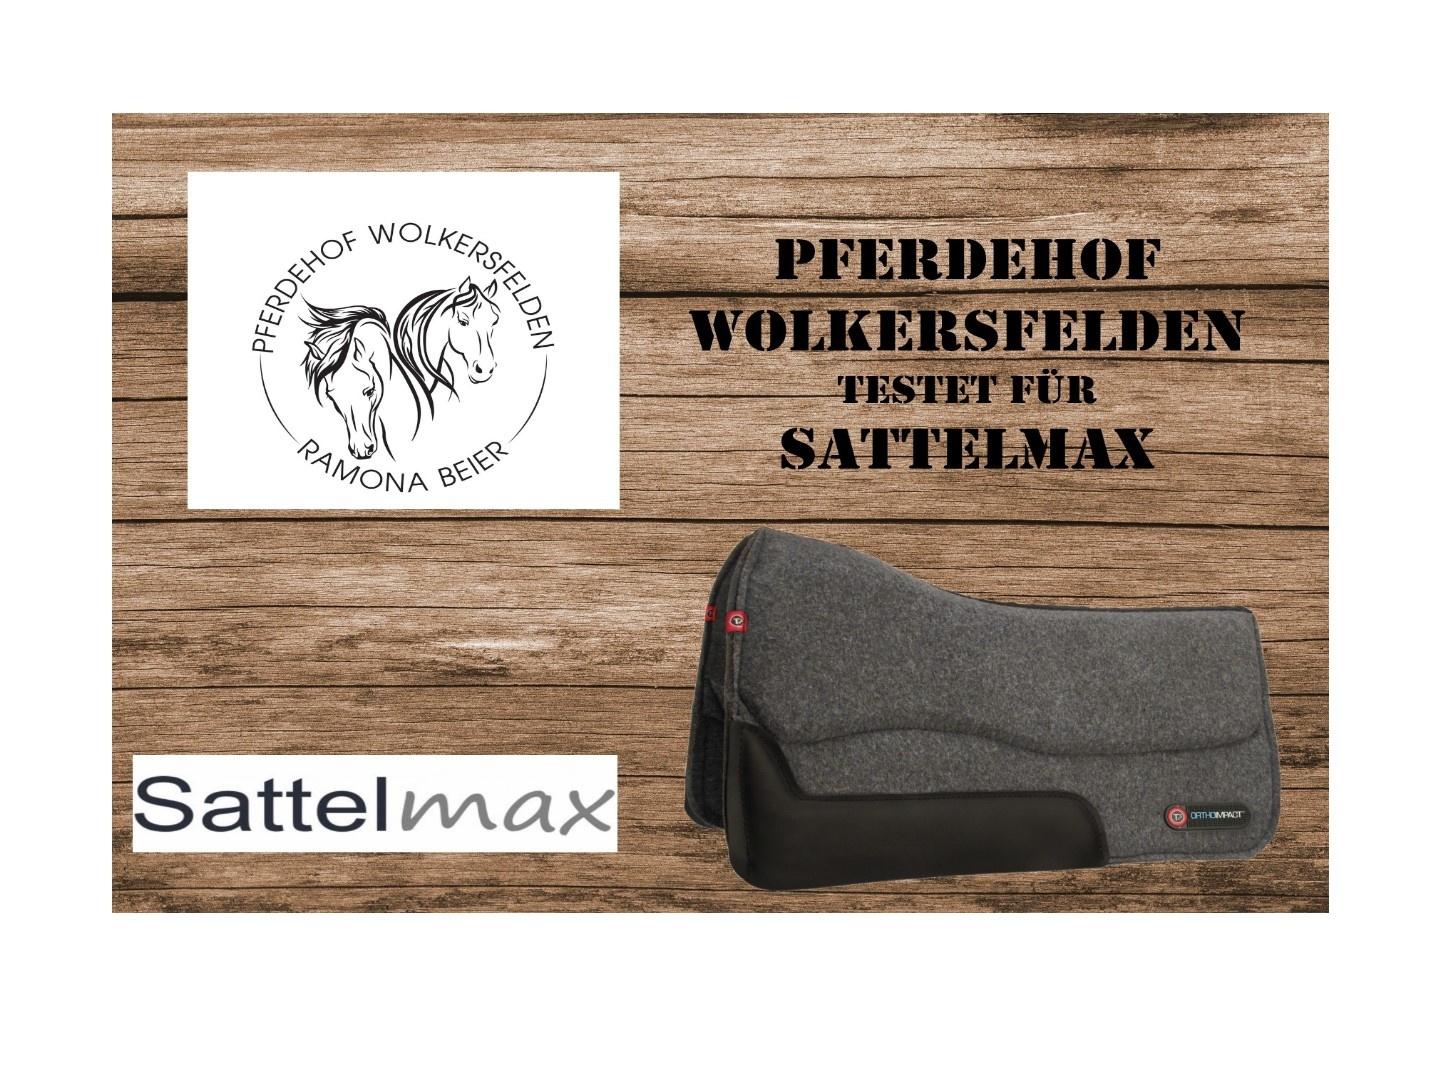 TESTERGEBNIS: T3 Wool Felt Performance Westernpad mit Ortho Polsterung von Ramona Beier (Pferdehof Wolkersfelden)